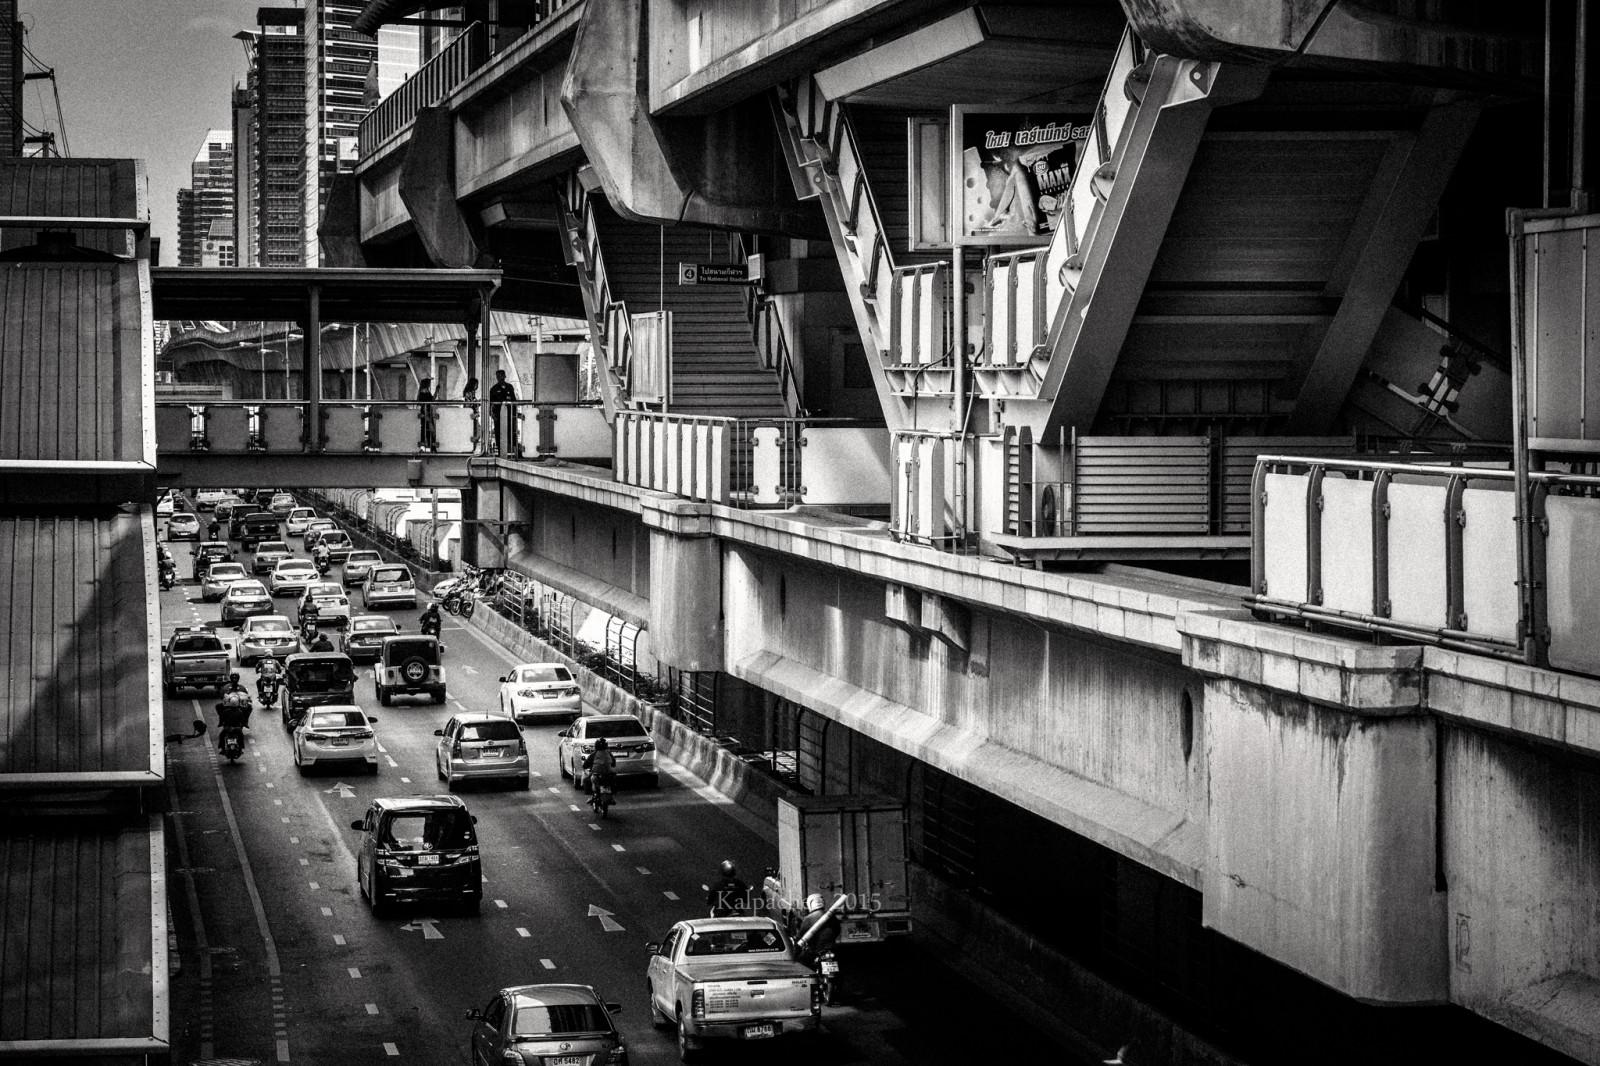 Bangkok Thailand - November 2015